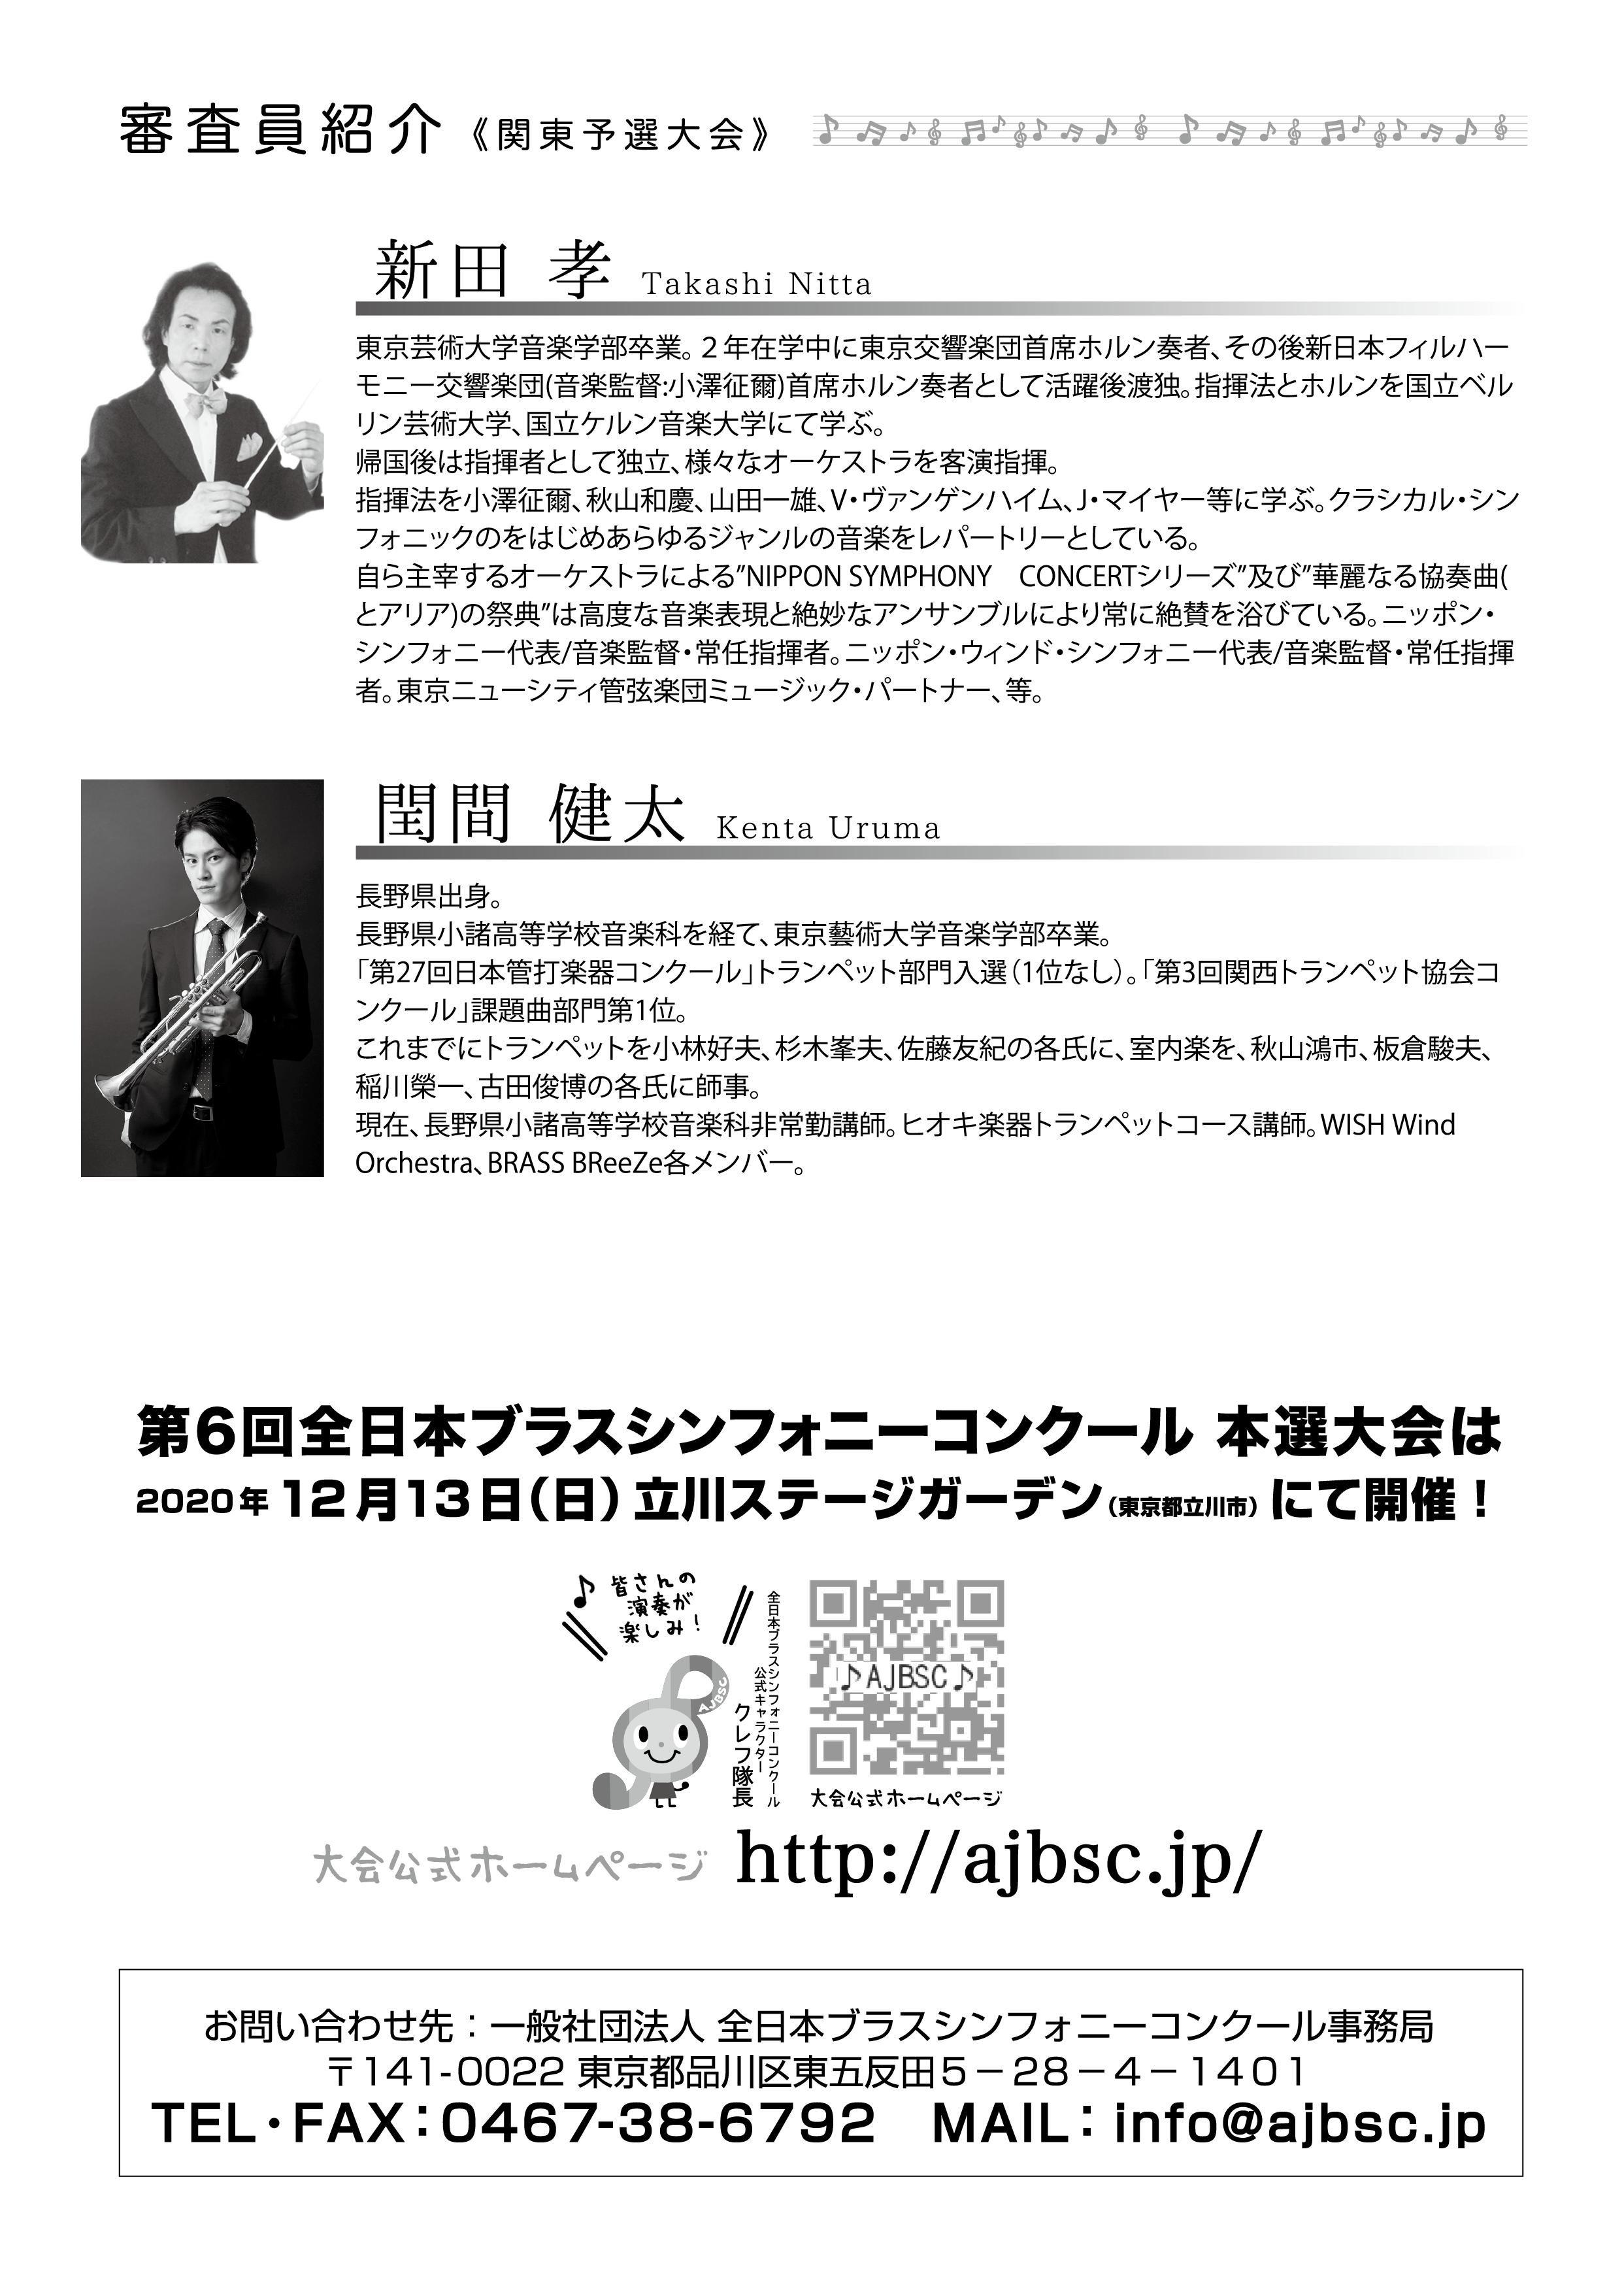 関東予選プログラム4